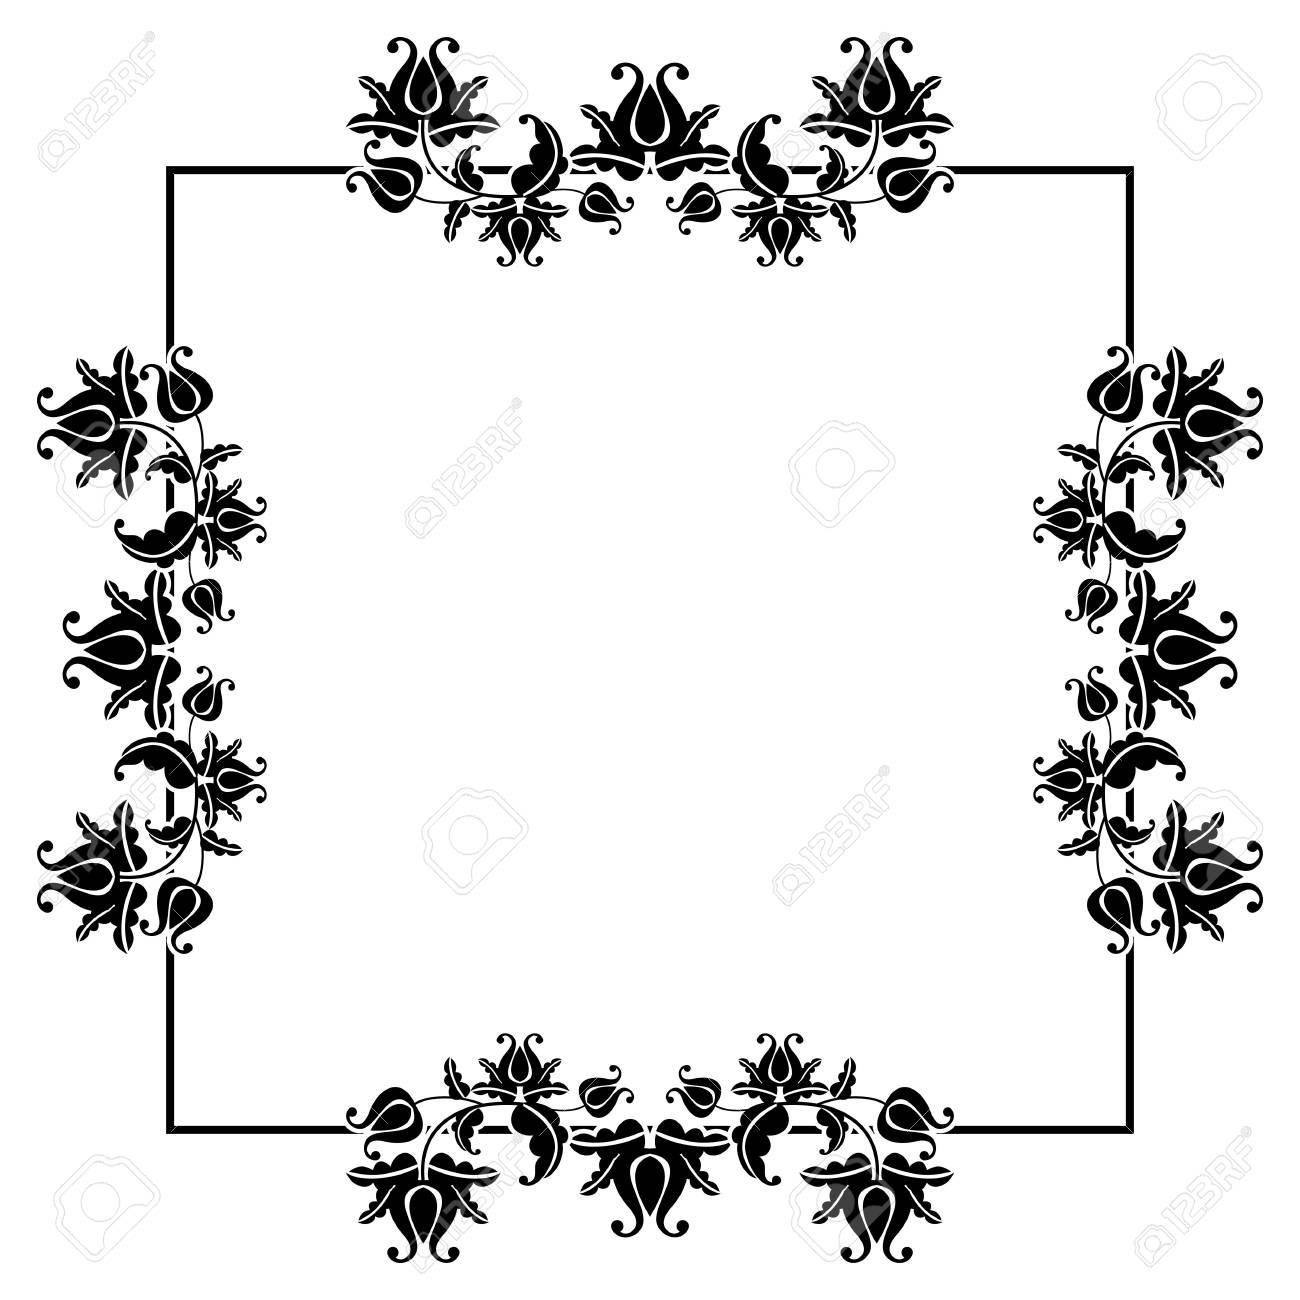 Ausgezeichnet Quadratischer Metallrahmen Fotos - Benutzerdefinierte ...